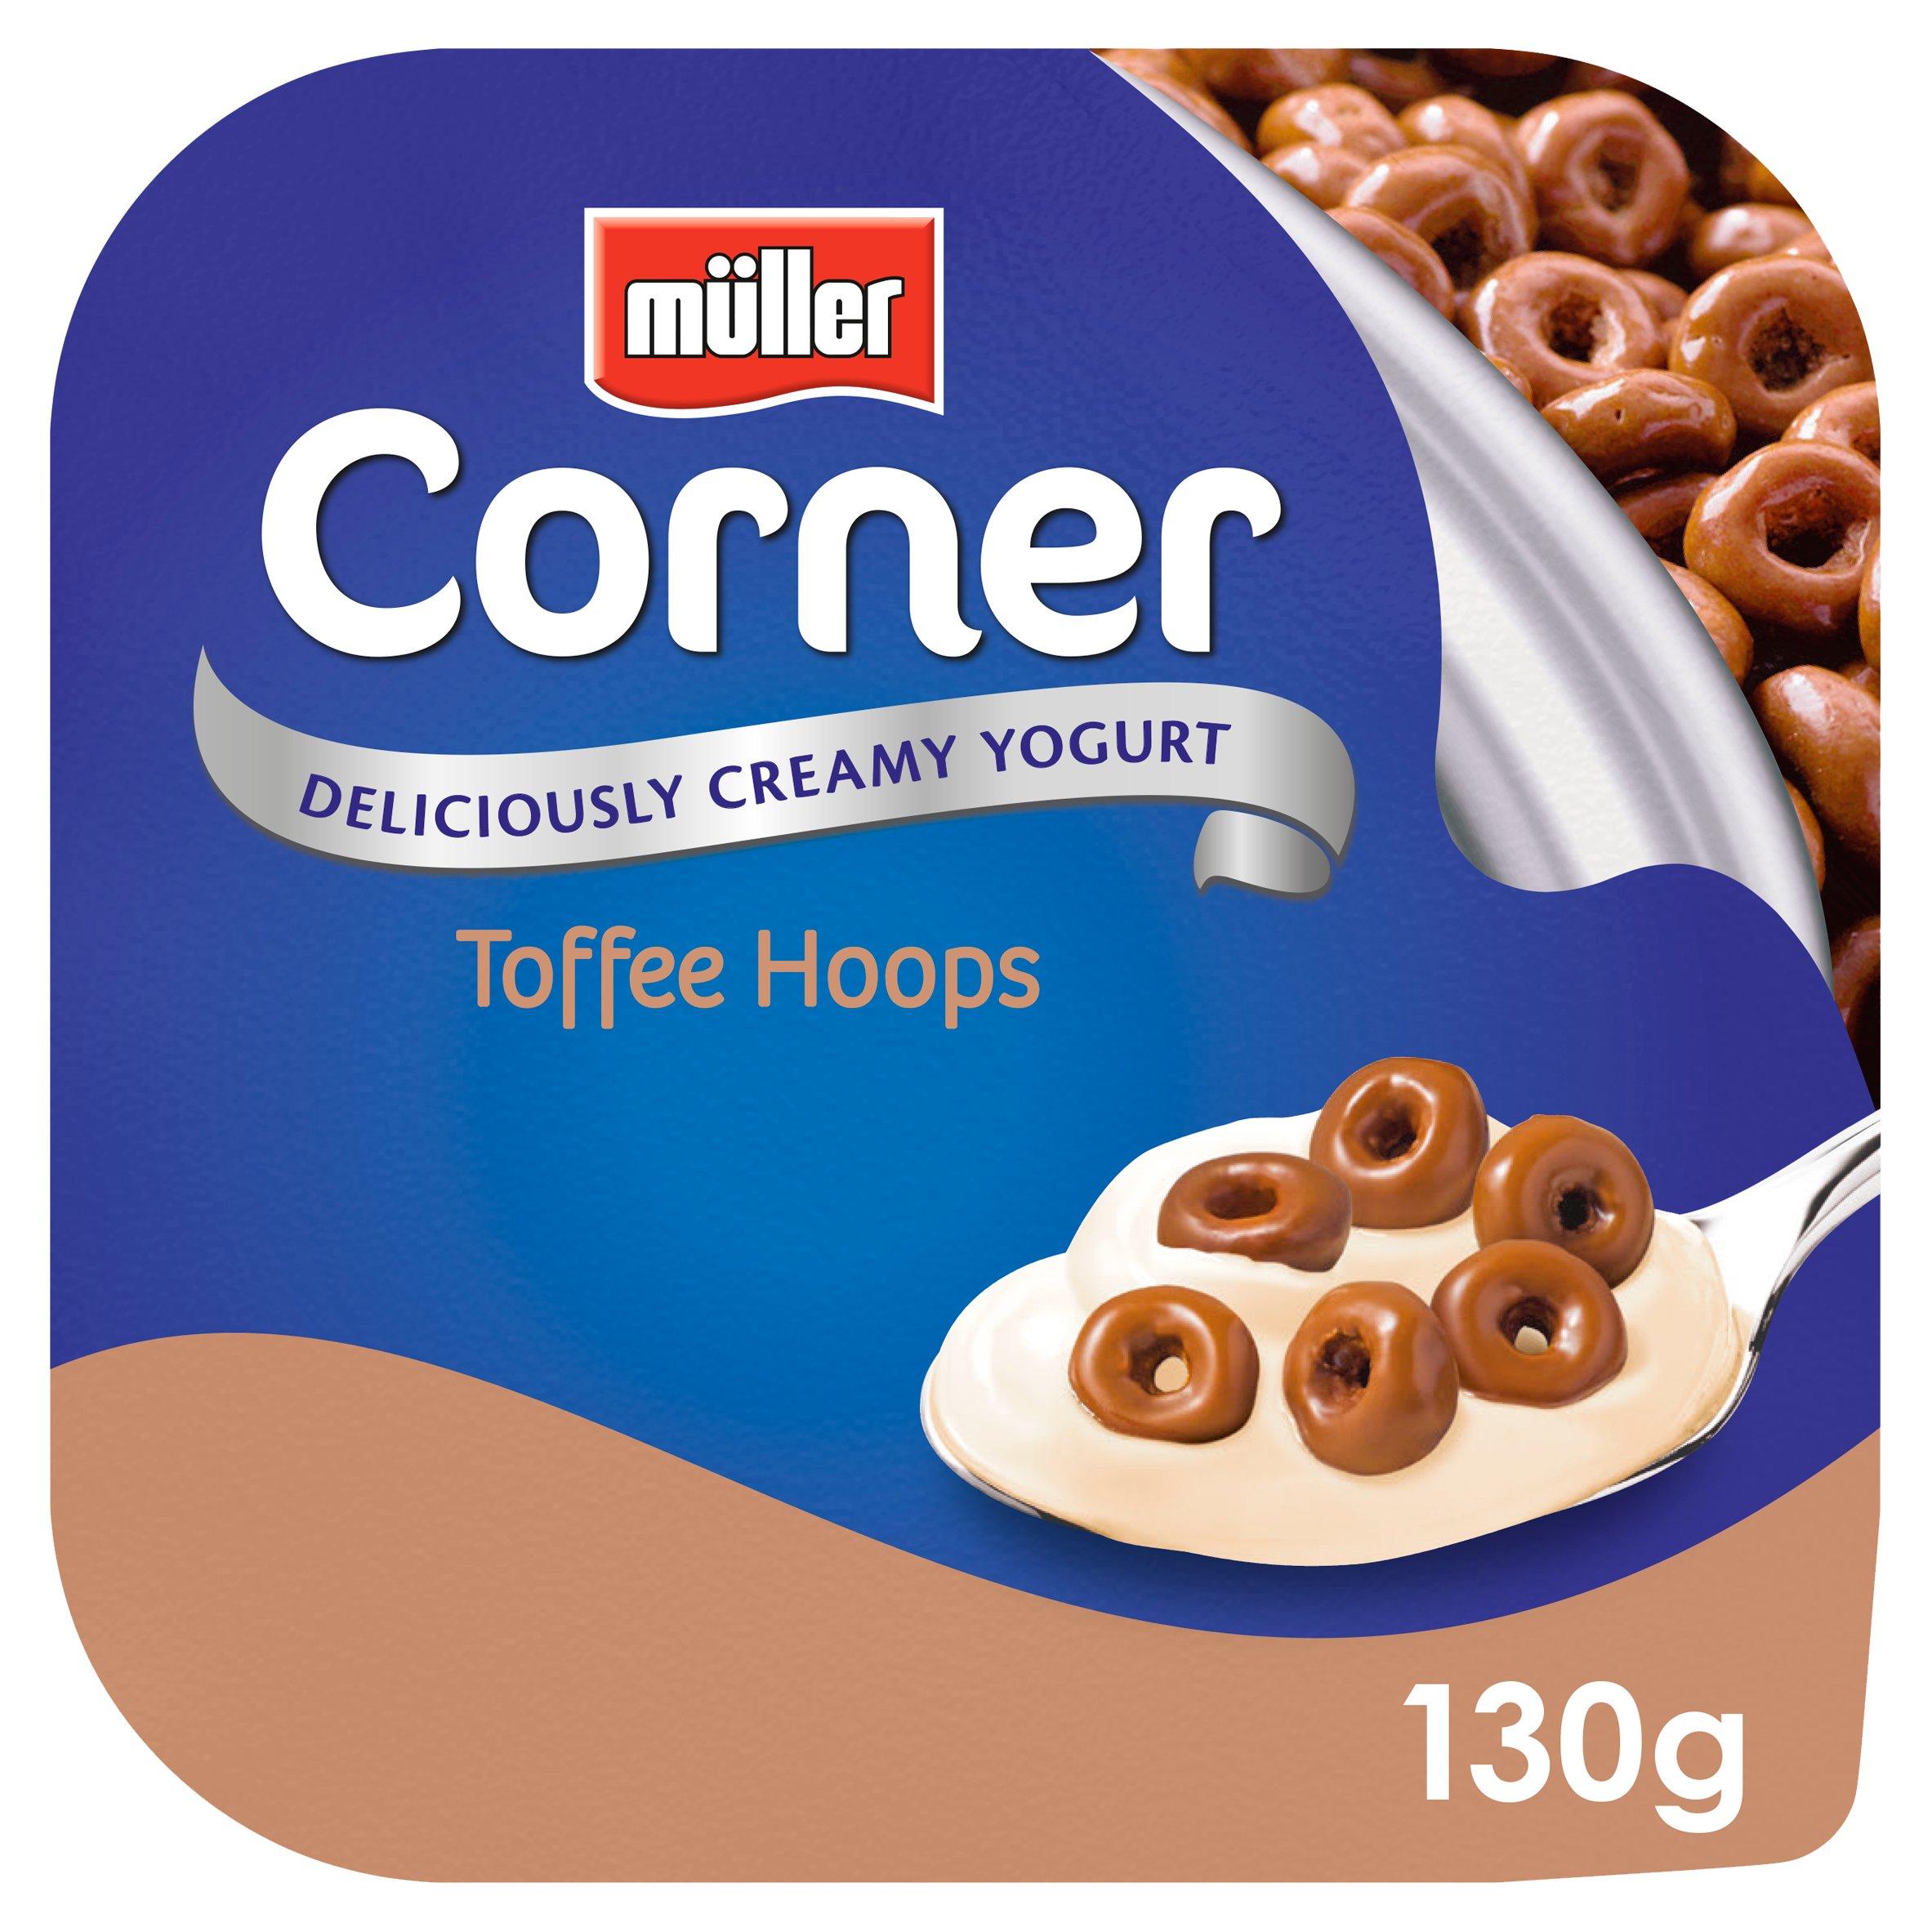 Muller Corner Creamy Toffee Hoops Yogurt 130G